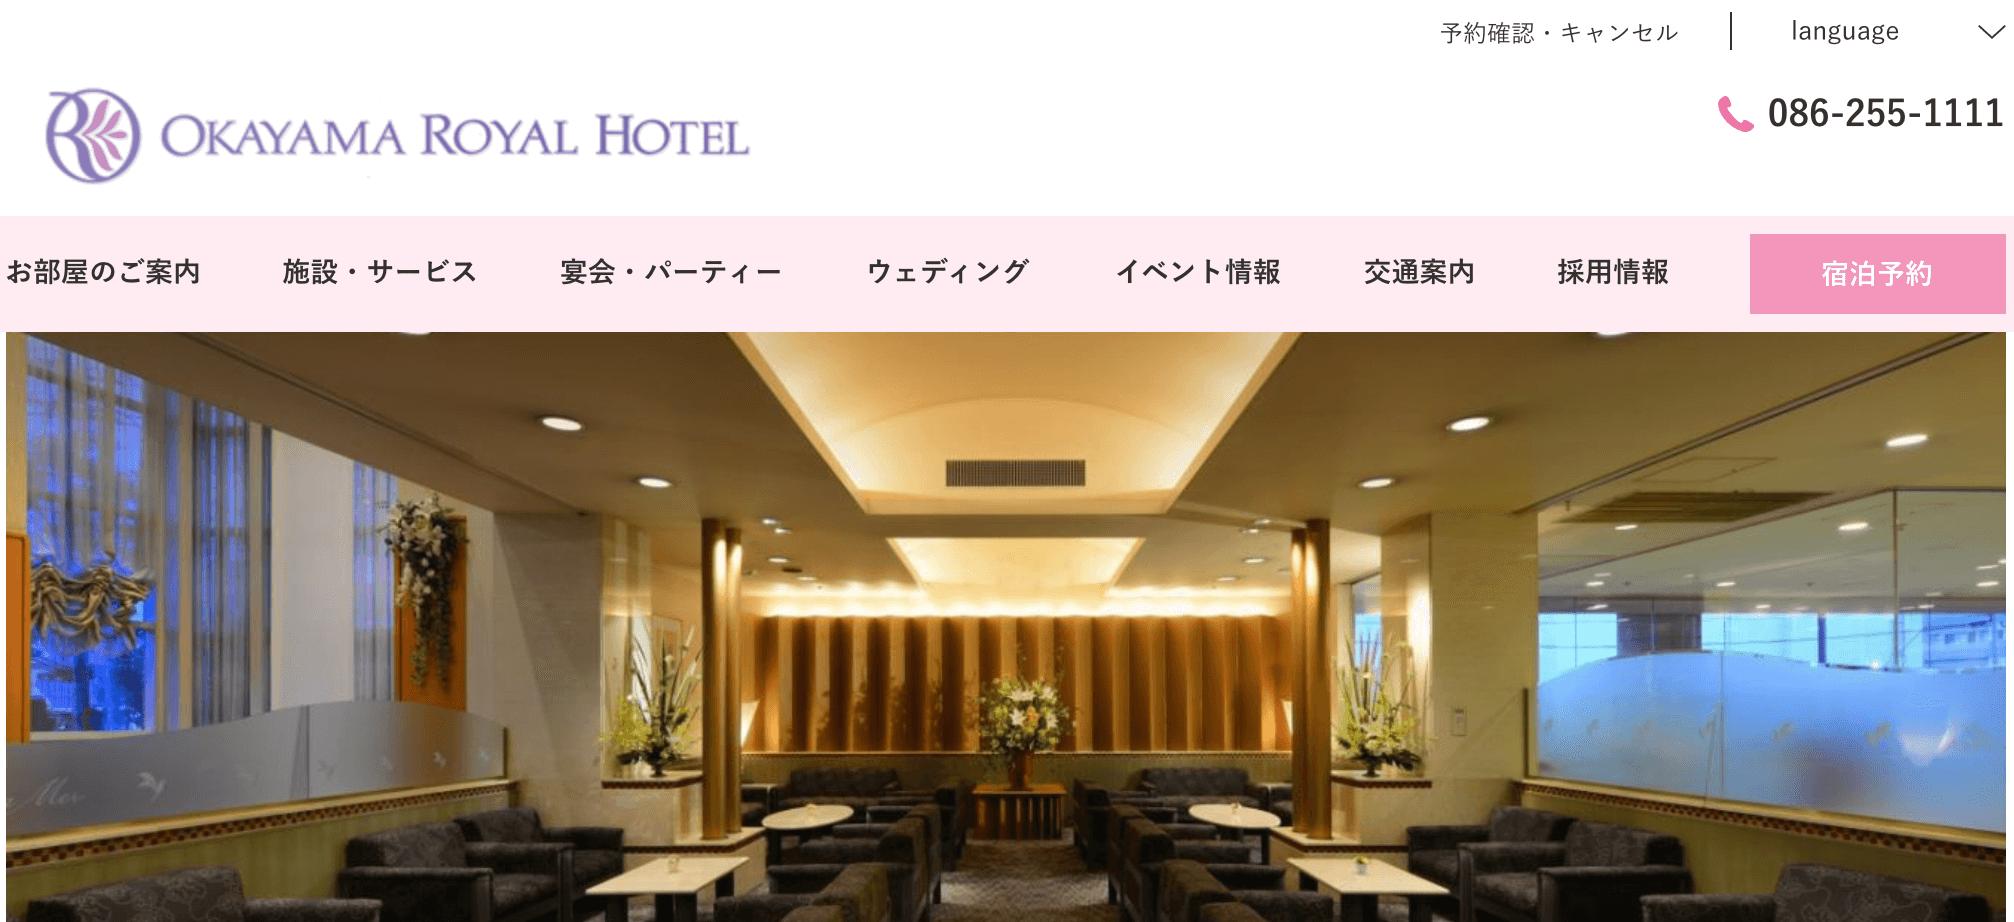 岡山でパパ活におすすめなホテル「岡山ロイヤルホテル」